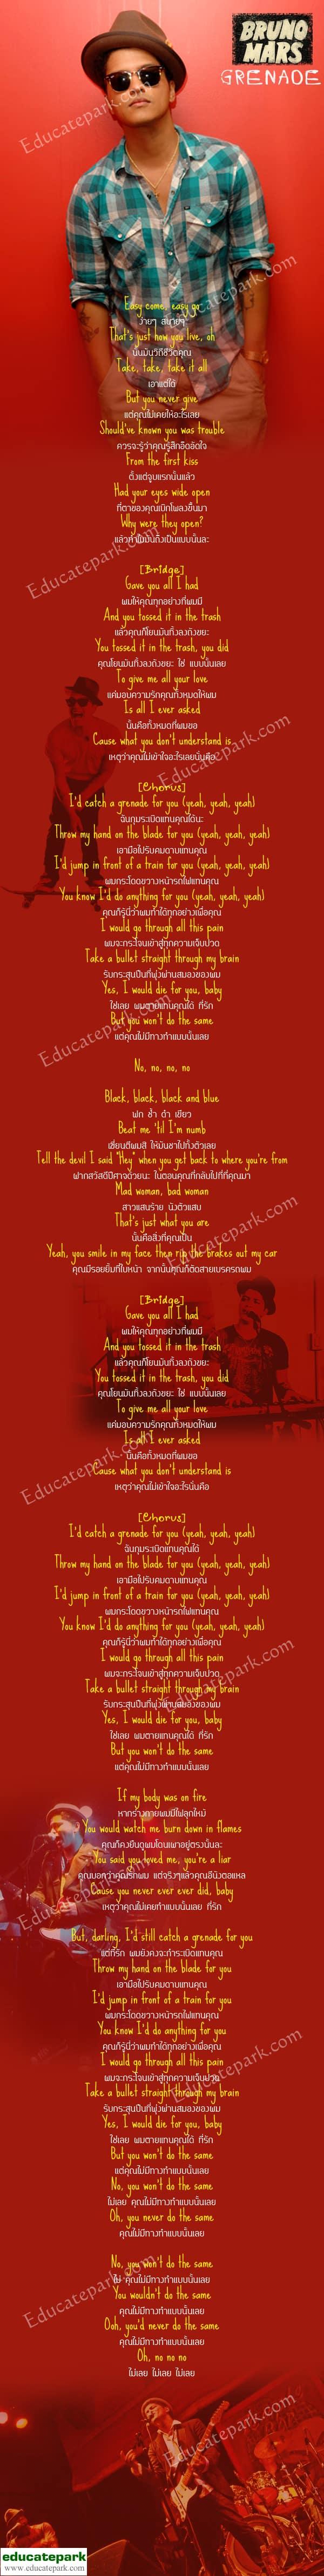 แปลเพลง Grenade - Bruno Mars